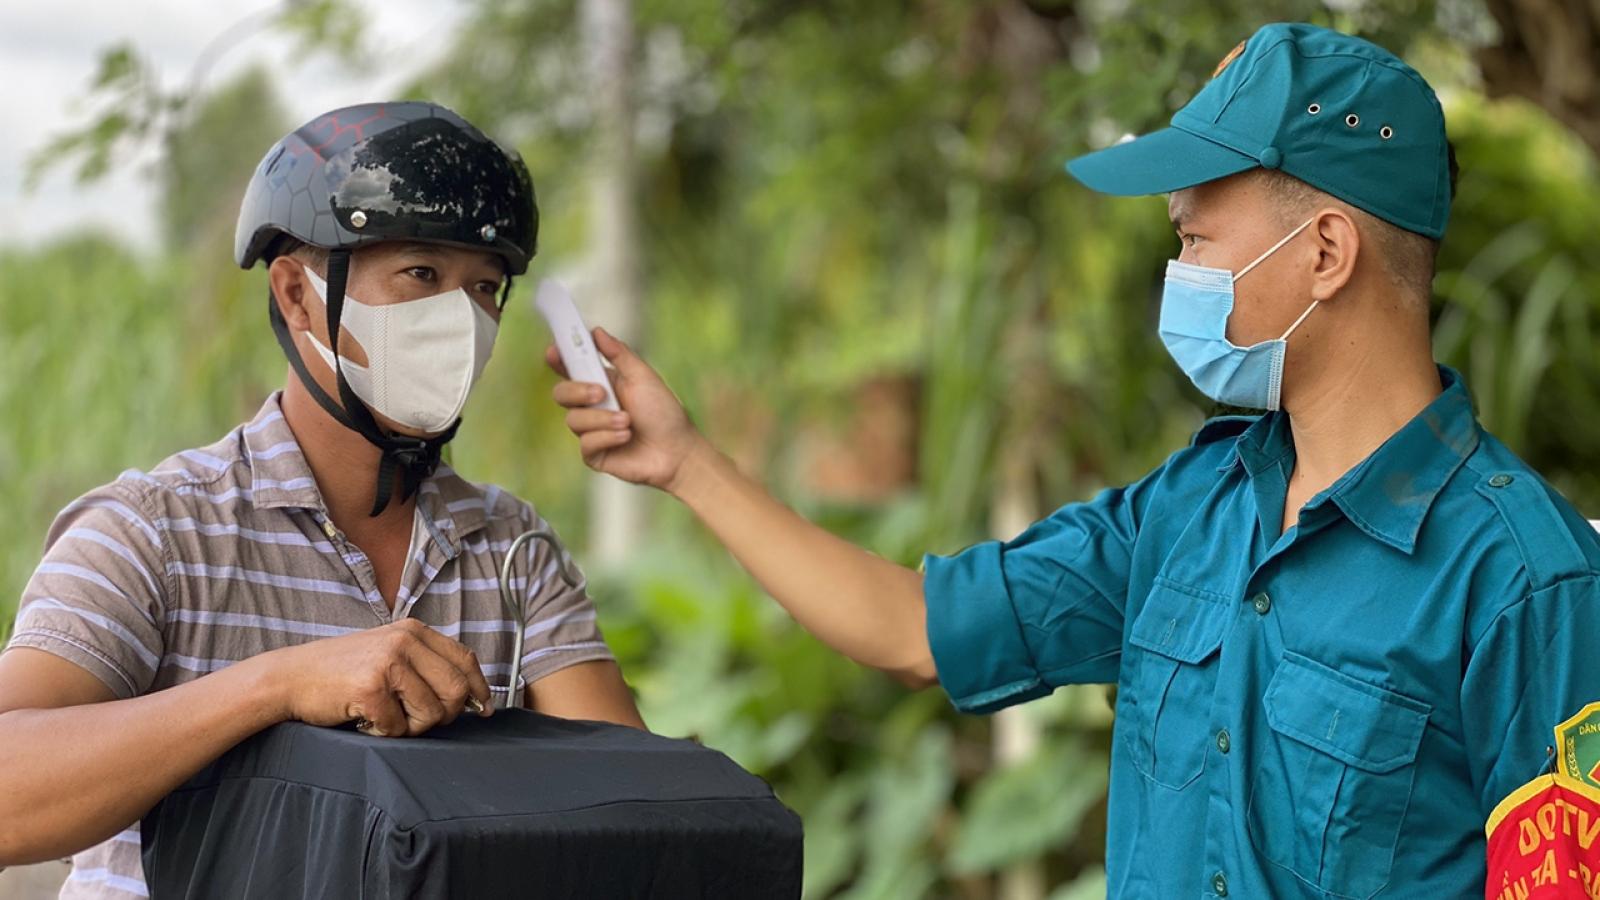 Camắc Covid-19 bùng phát mạnh trong khu công nghiệp ởTây Ninh